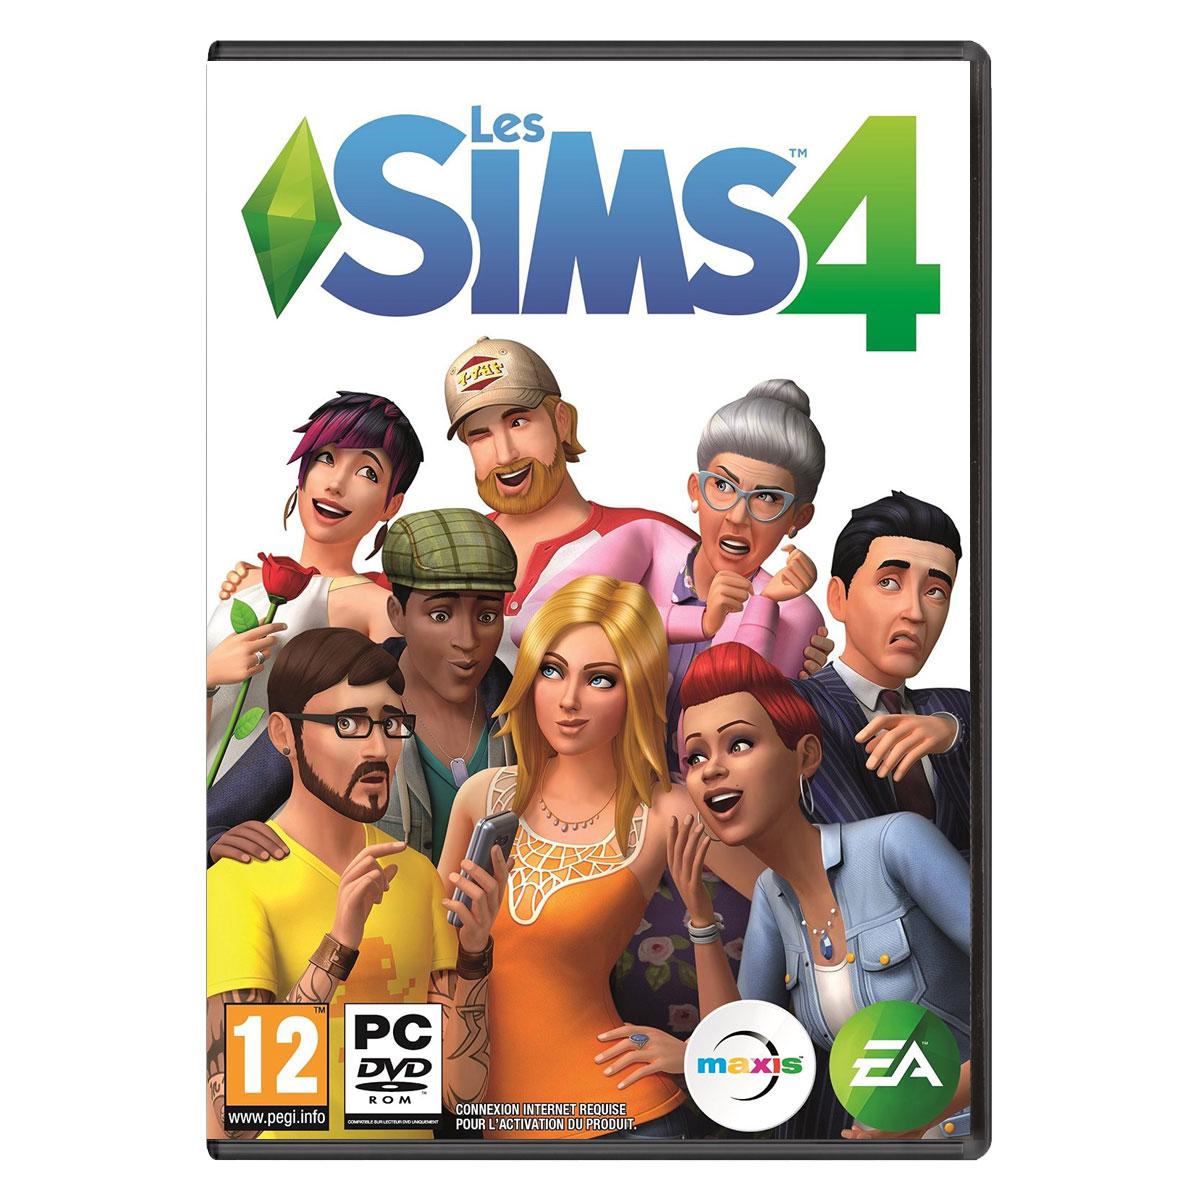 Jeux PC Les Sims 4 (PC) Les Sims 4 (PC)